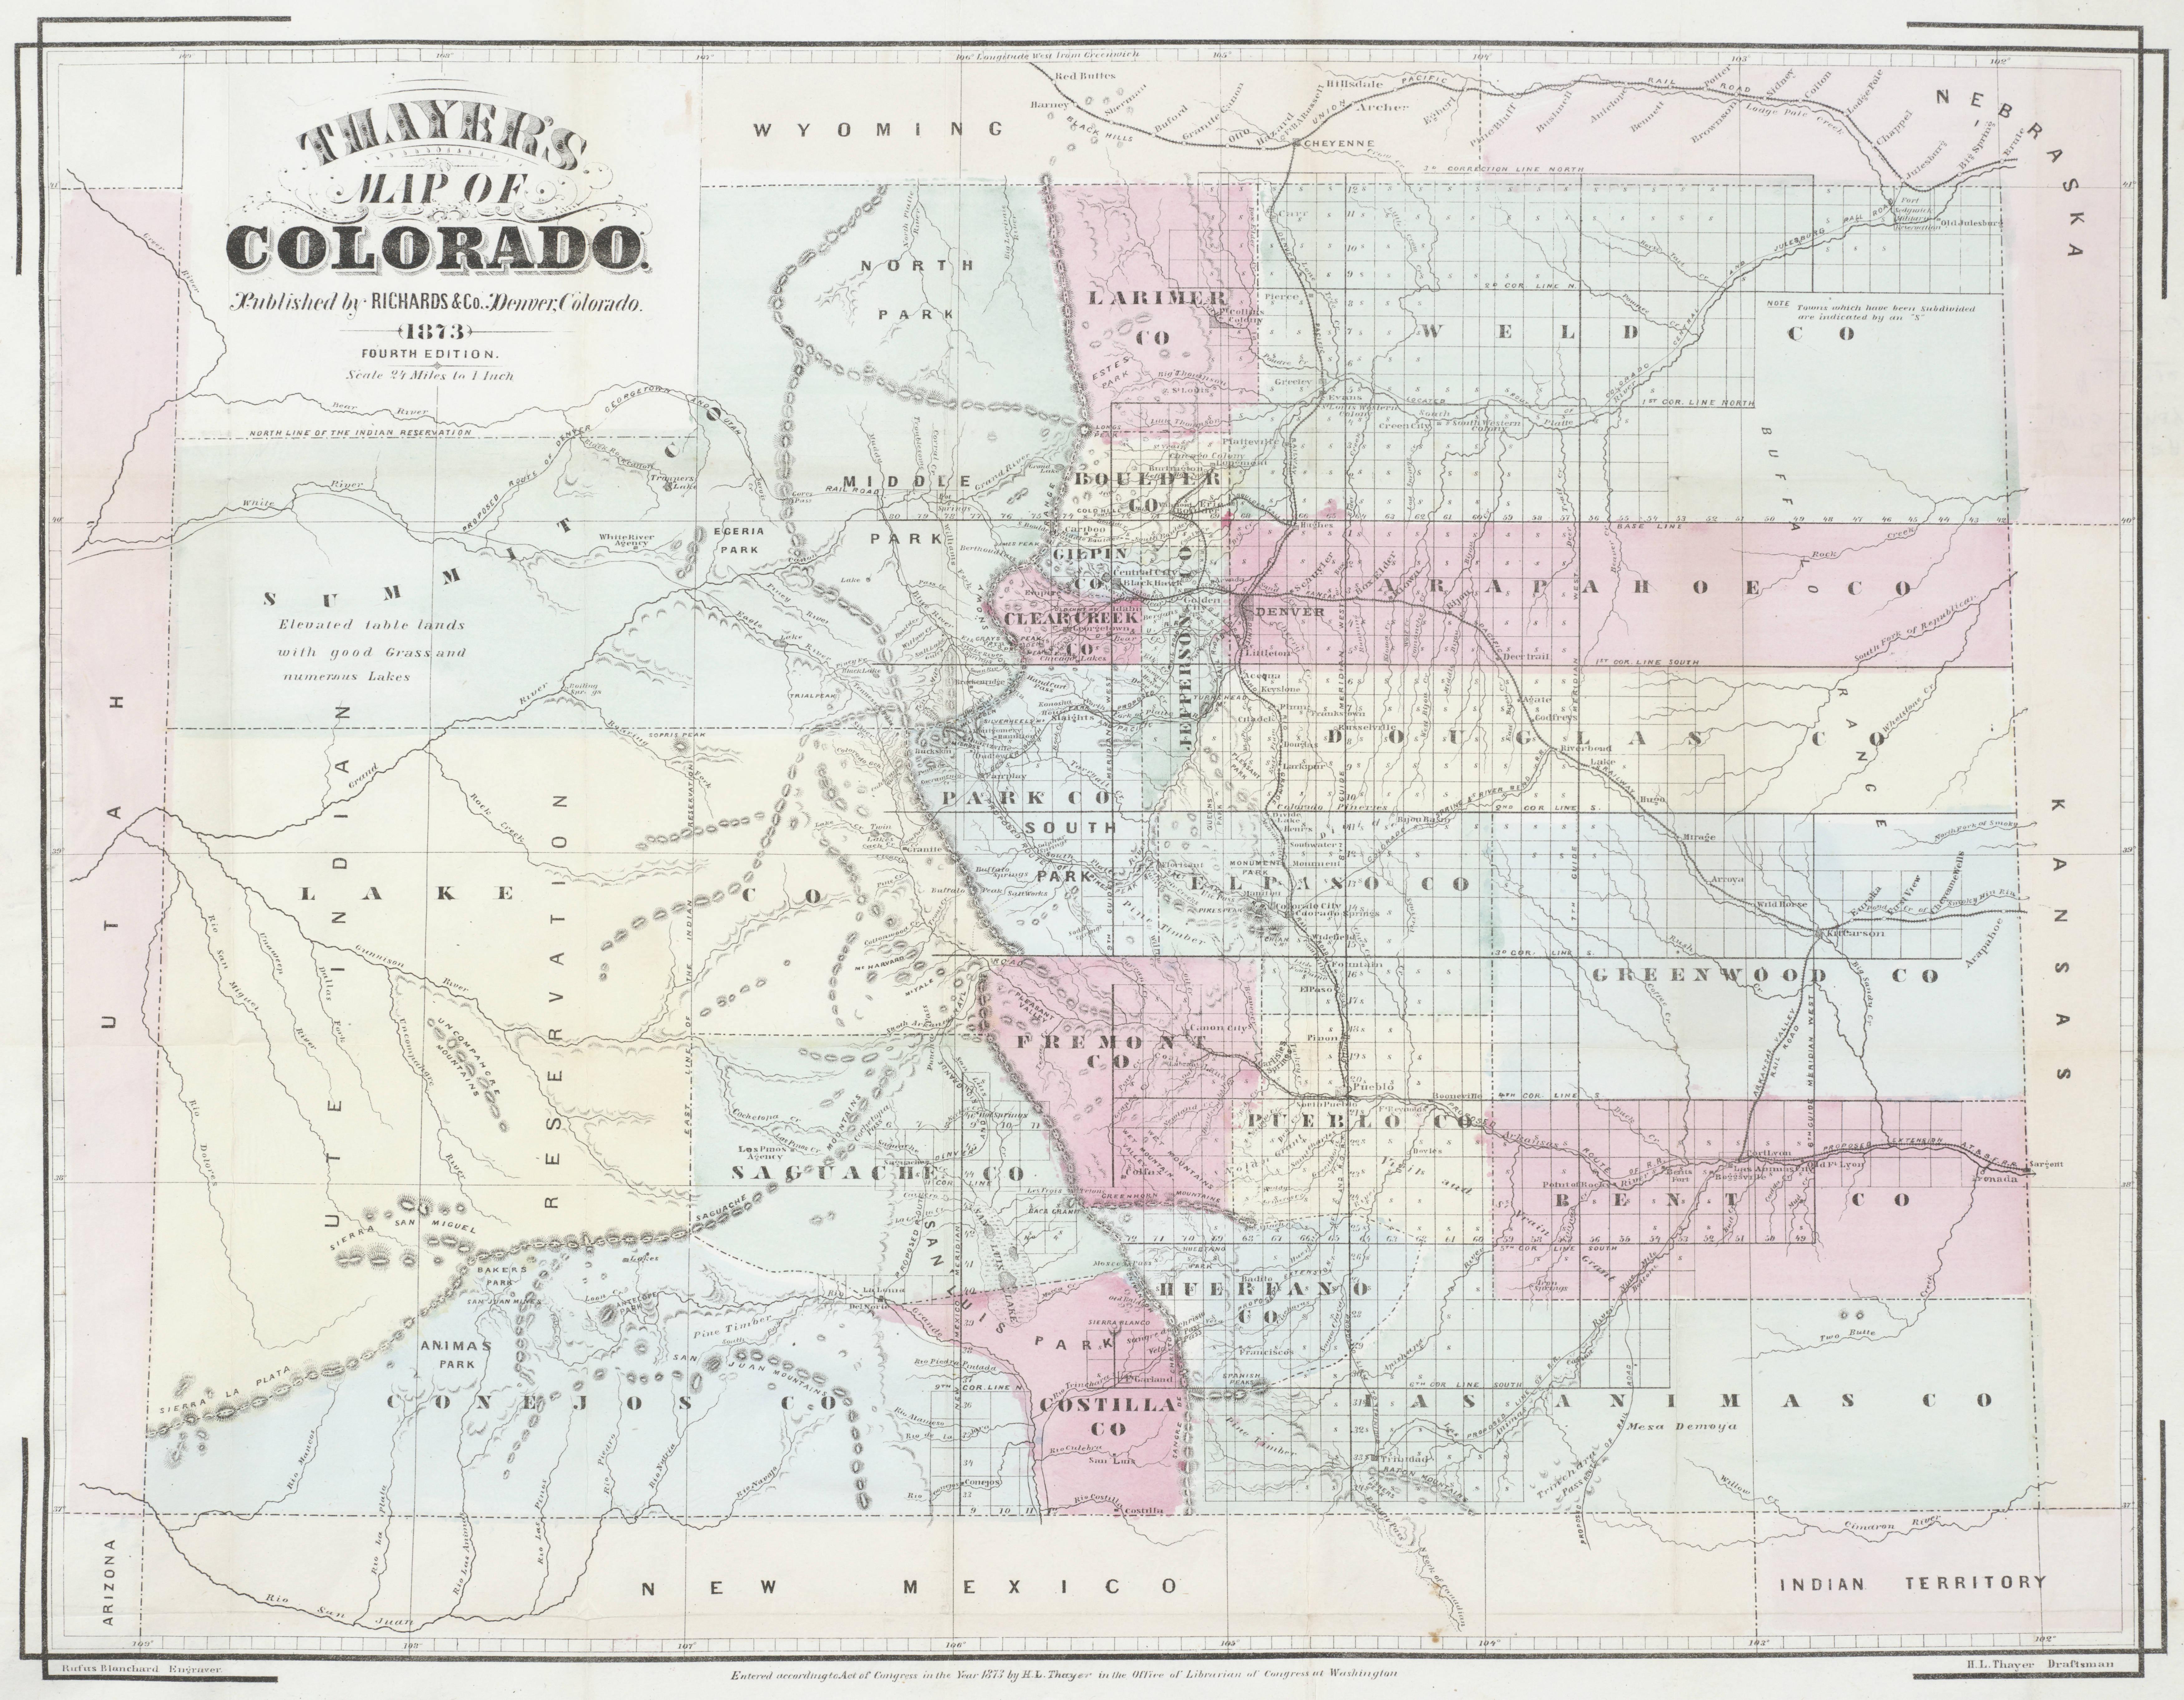 Denver Map on